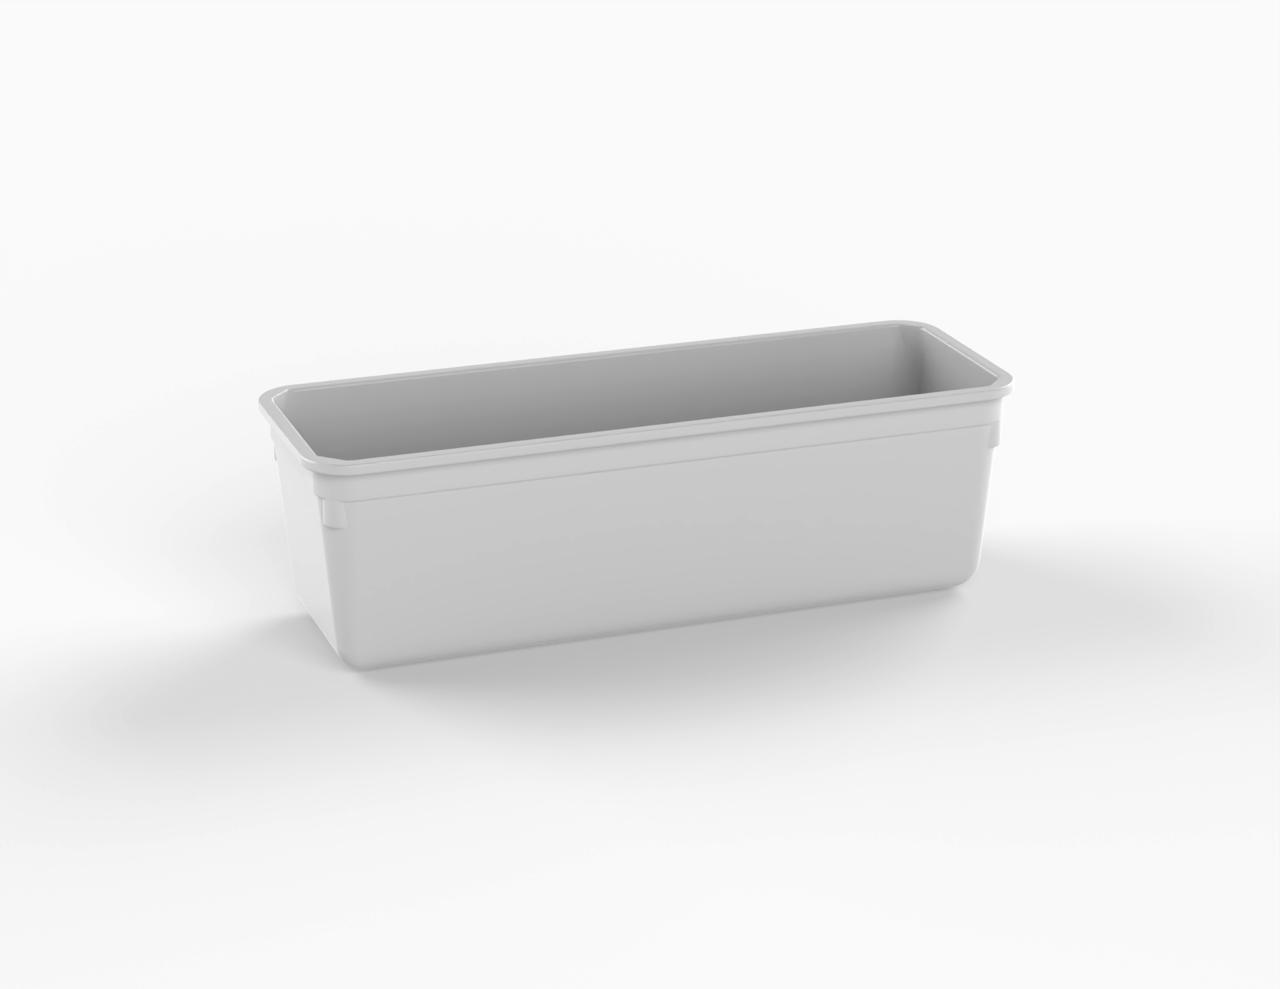 Moule rectangulaire blanc 1400 cm3